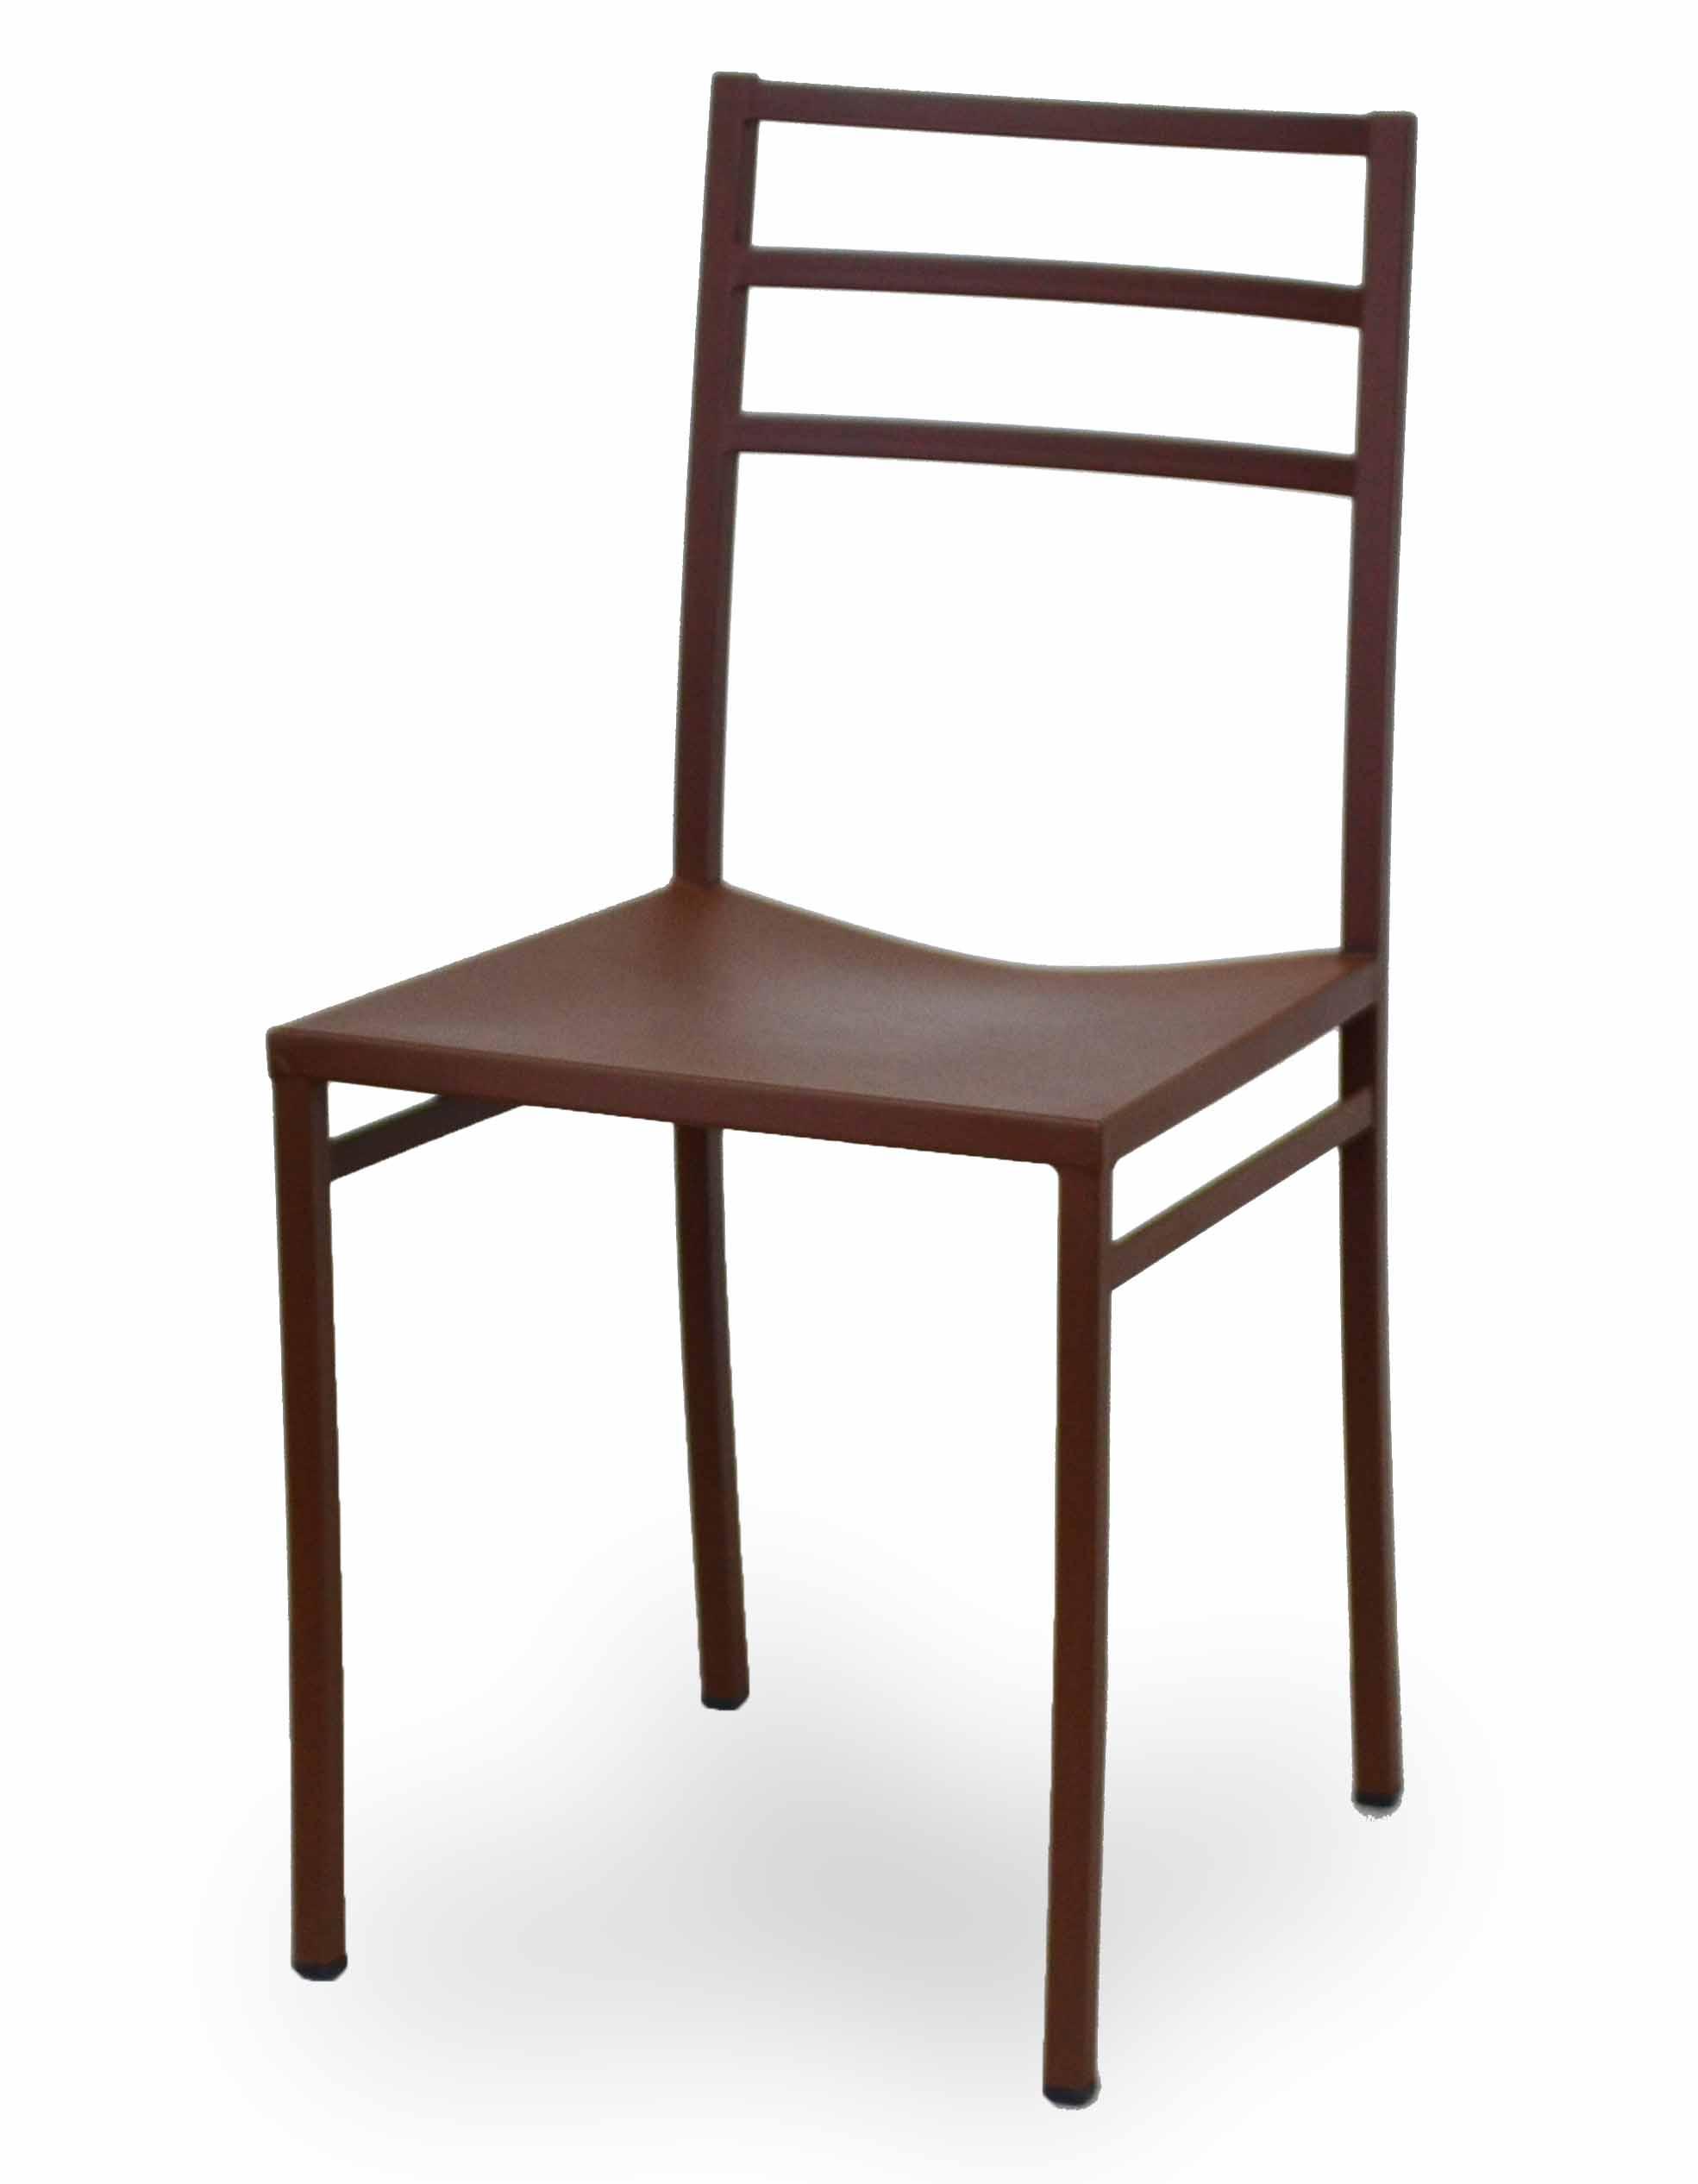 Μεταλλική καρέκλα   με ηλεκτροστατική βαφή στο χρώμα της επιλογής σας